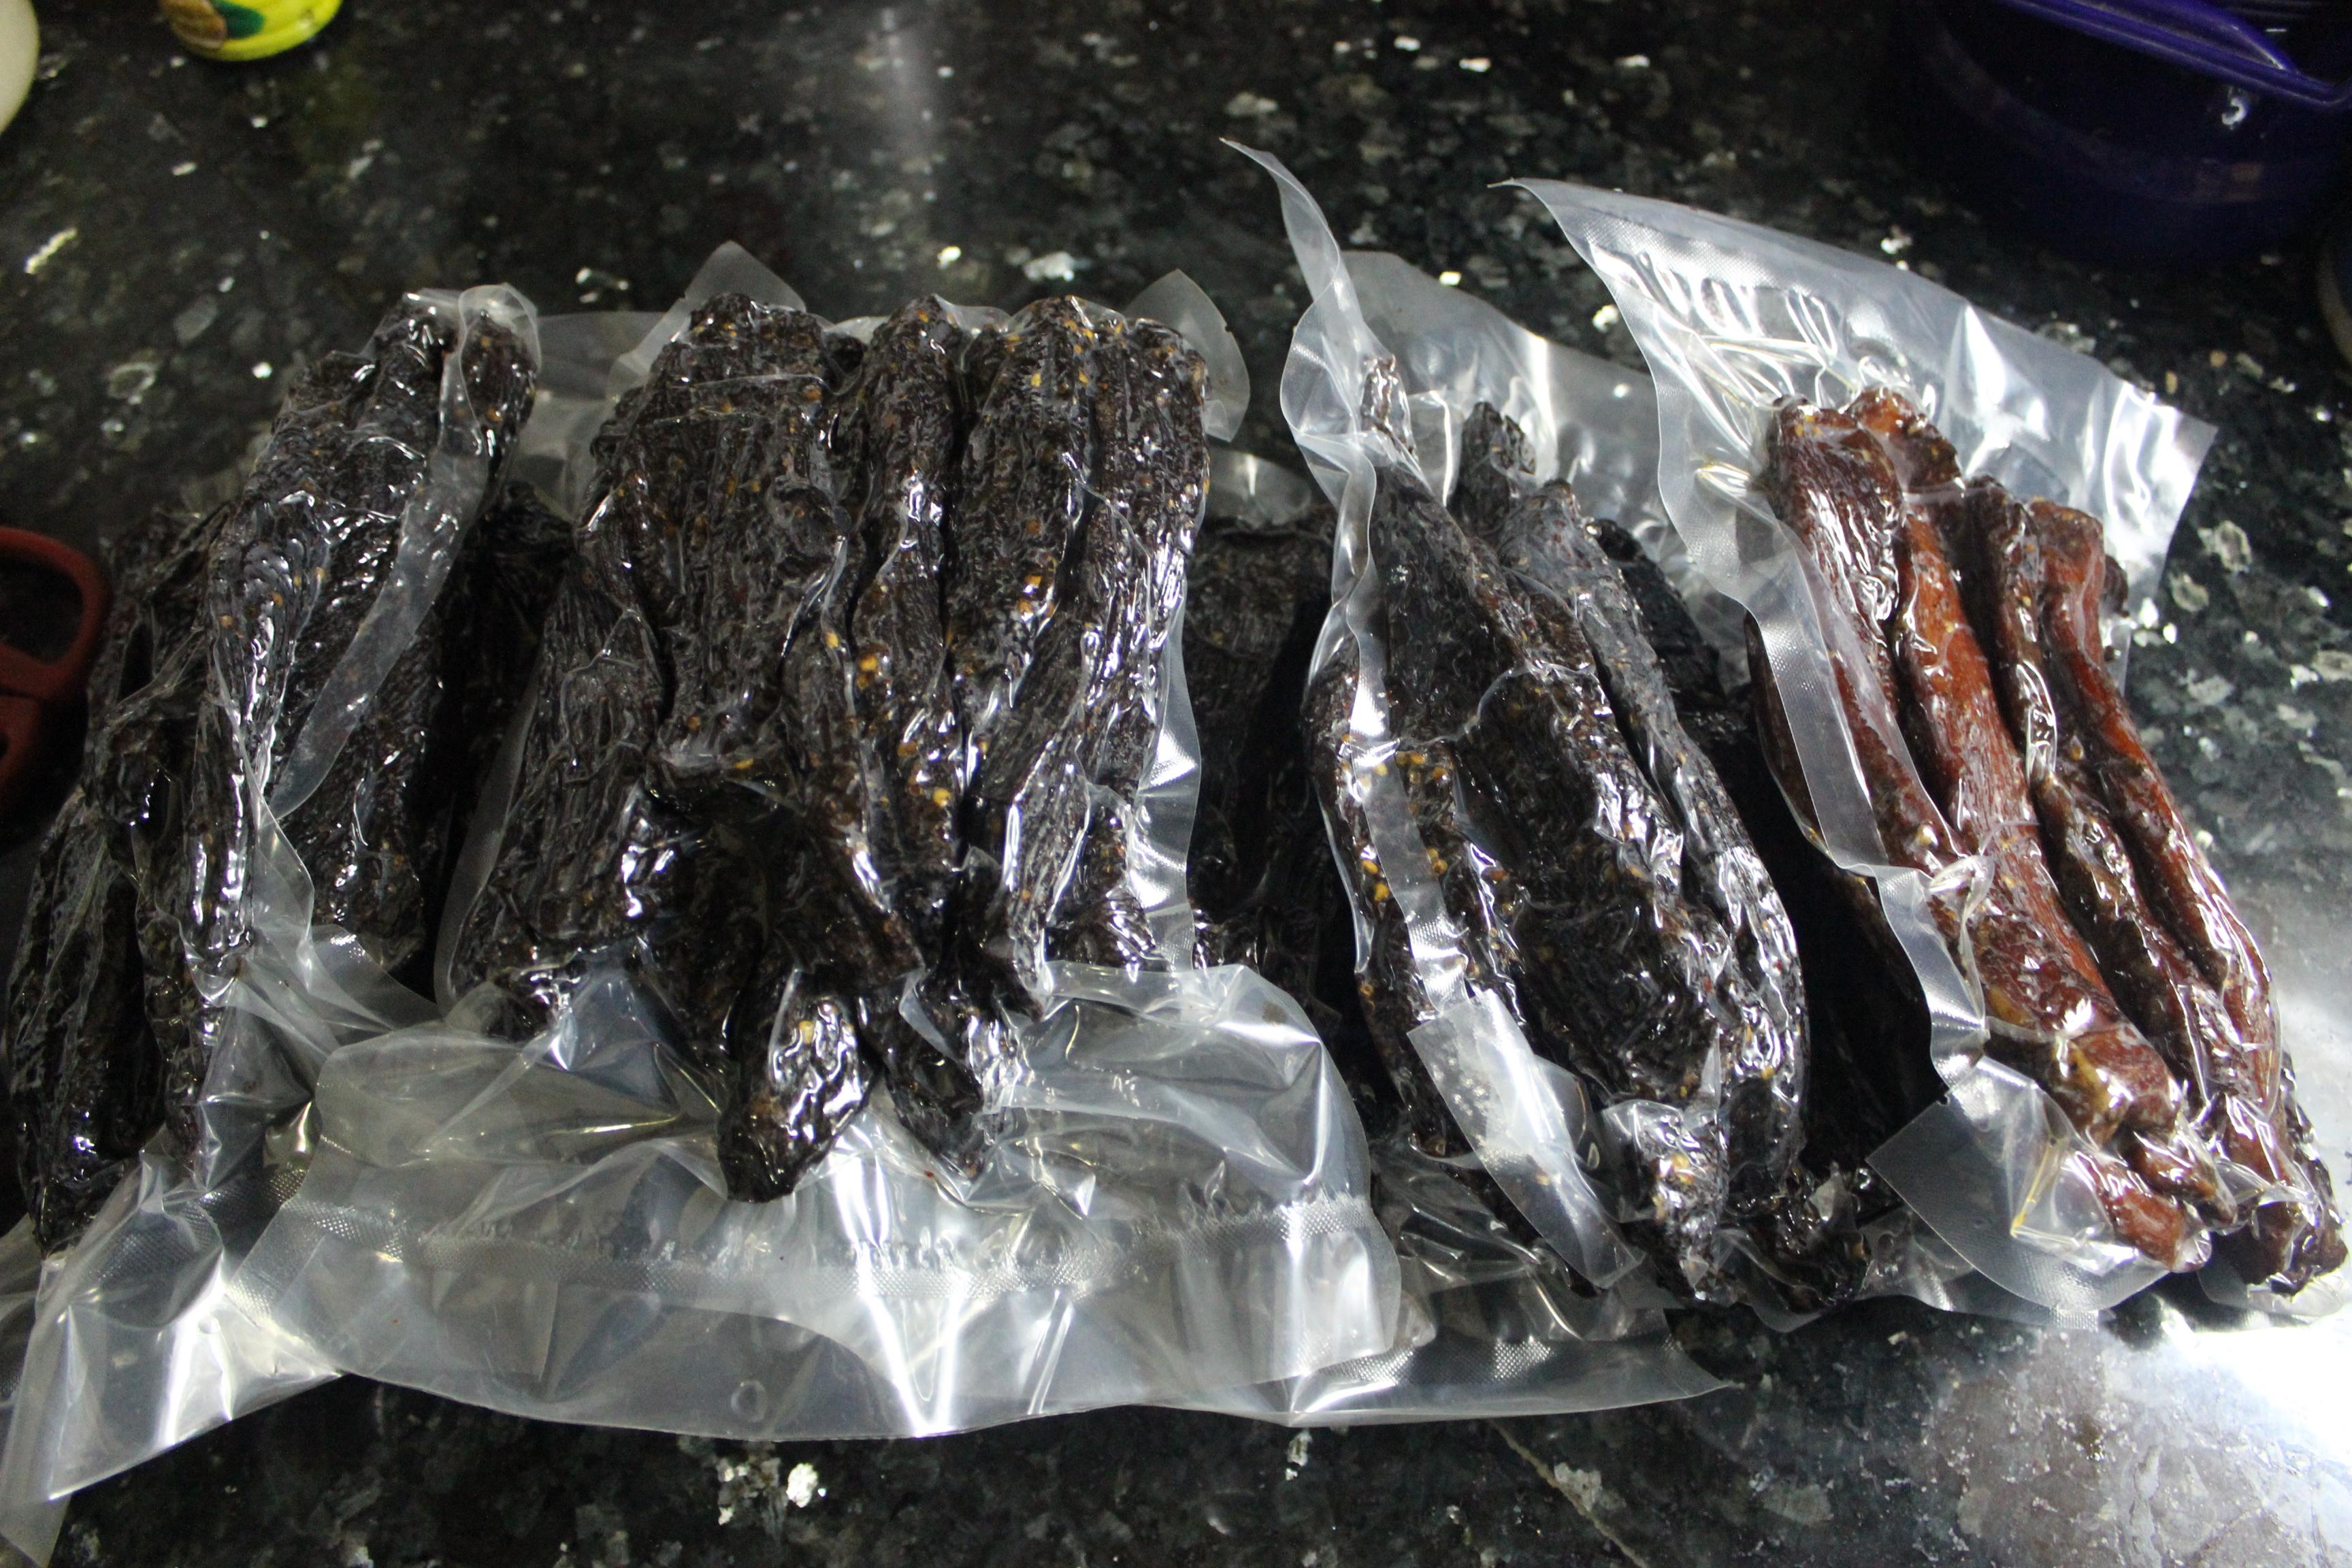 Mehr Geld vom getrockneten Fleisch verdienen